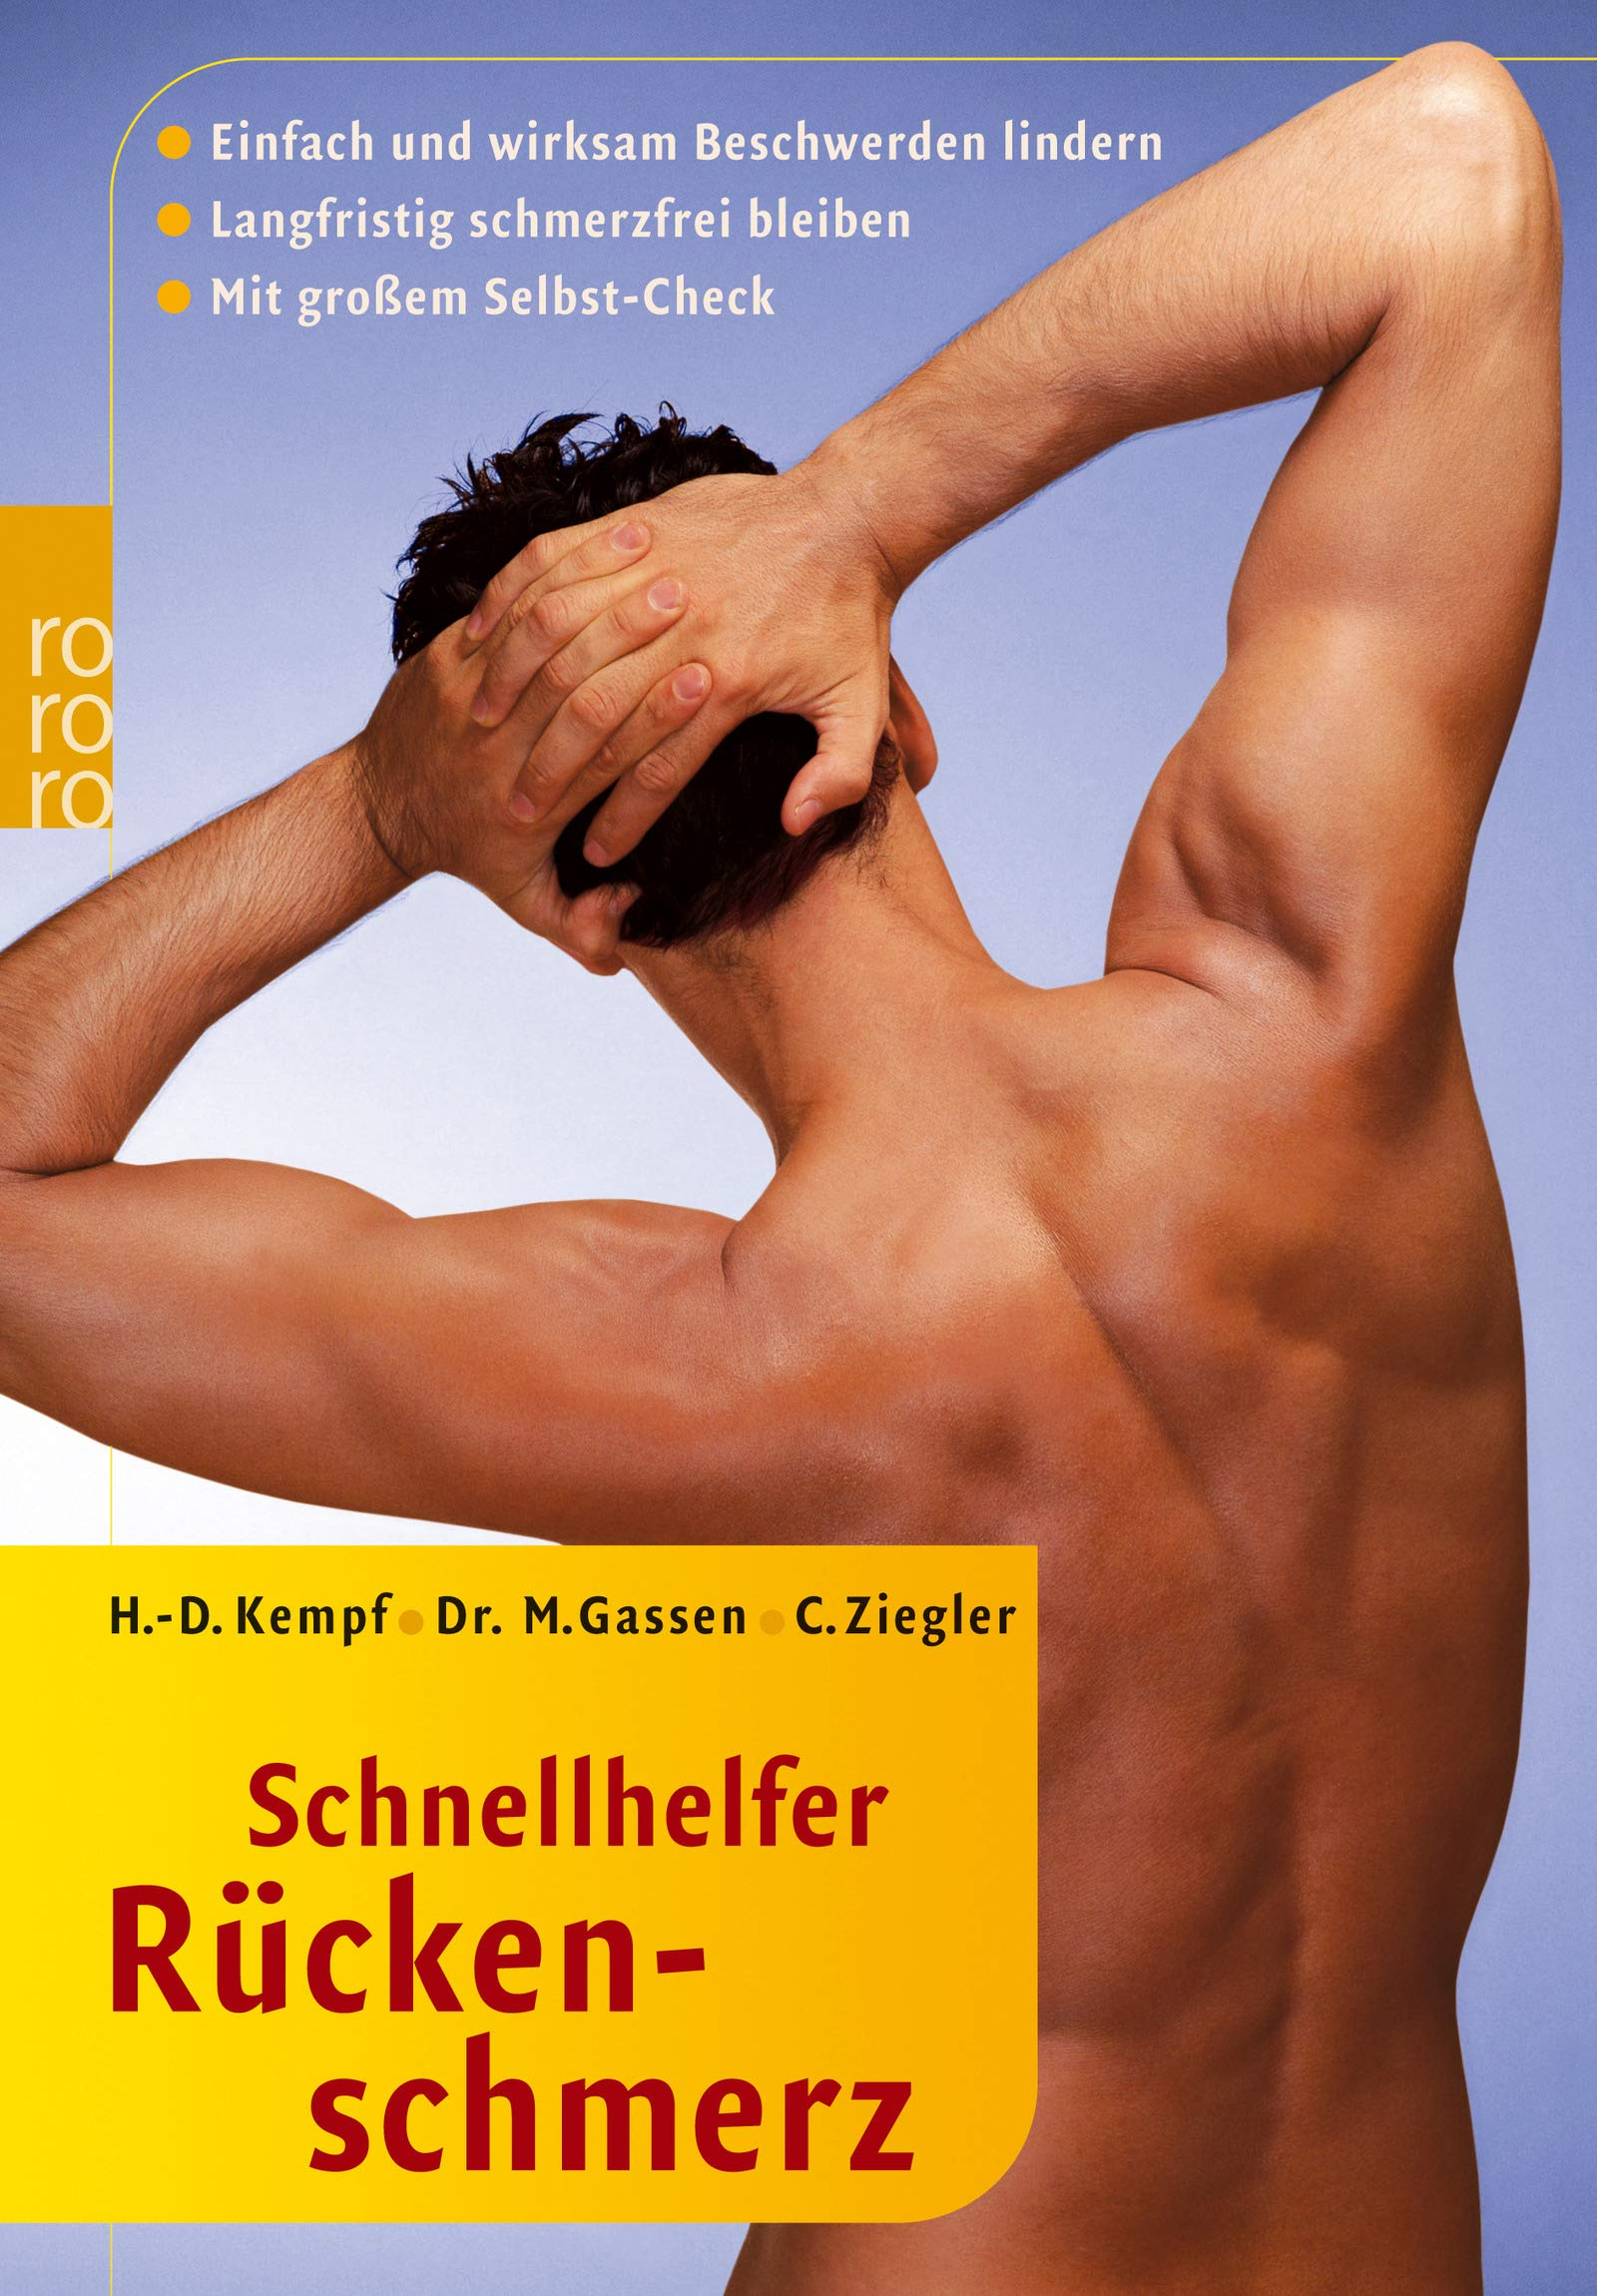 schnellhelfer-rckenschmerz-einfach-und-wirksam-beschwerden-lindern-langfristig-schmerzfrei-bleiben-mit-grossem-selbst-check